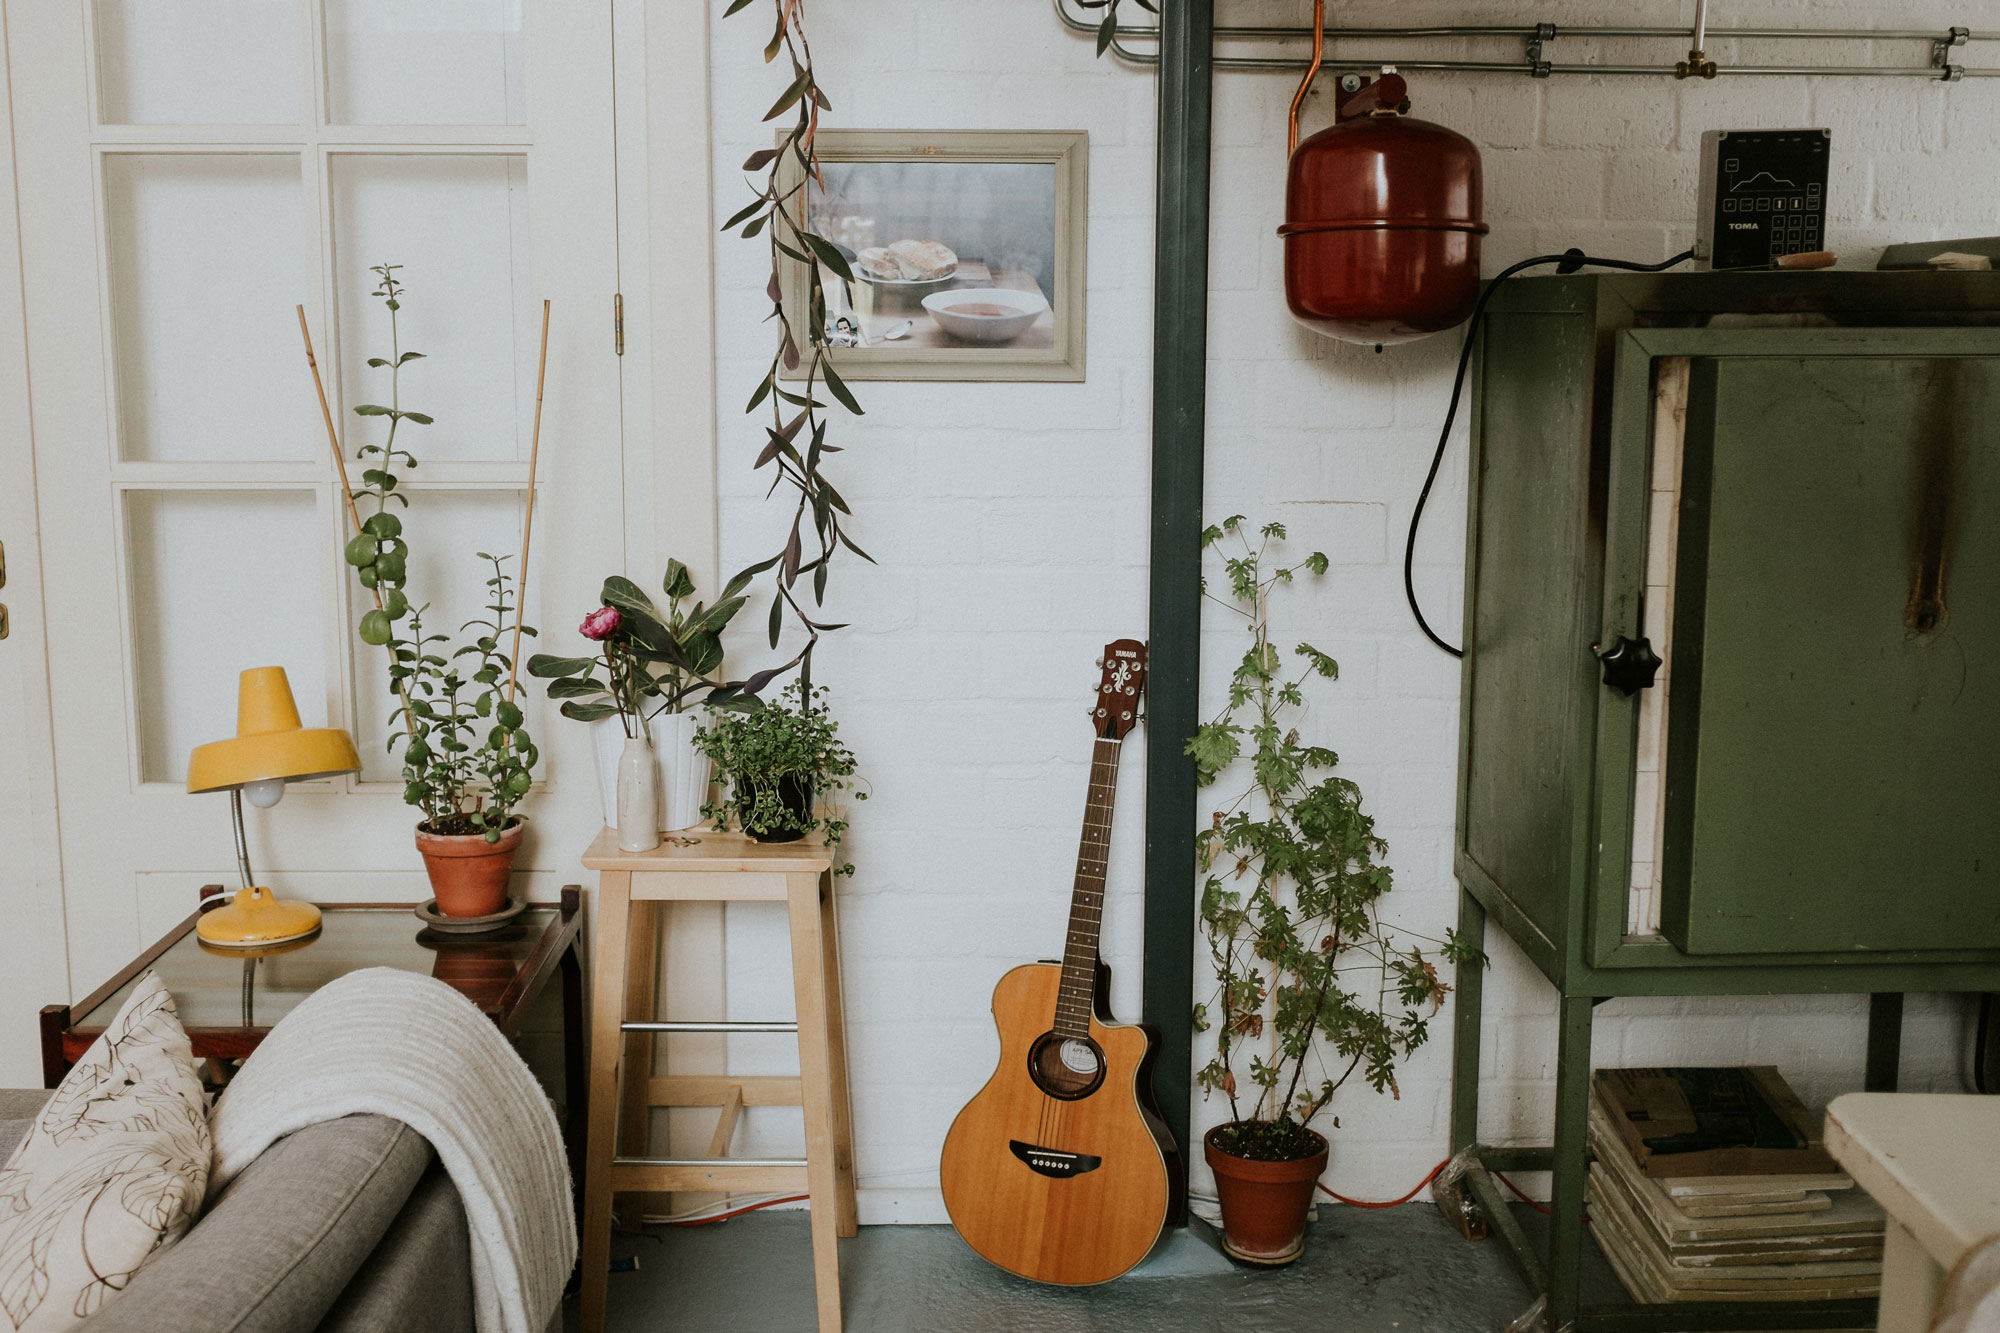 duurzaam keramiek studio Hear Hear